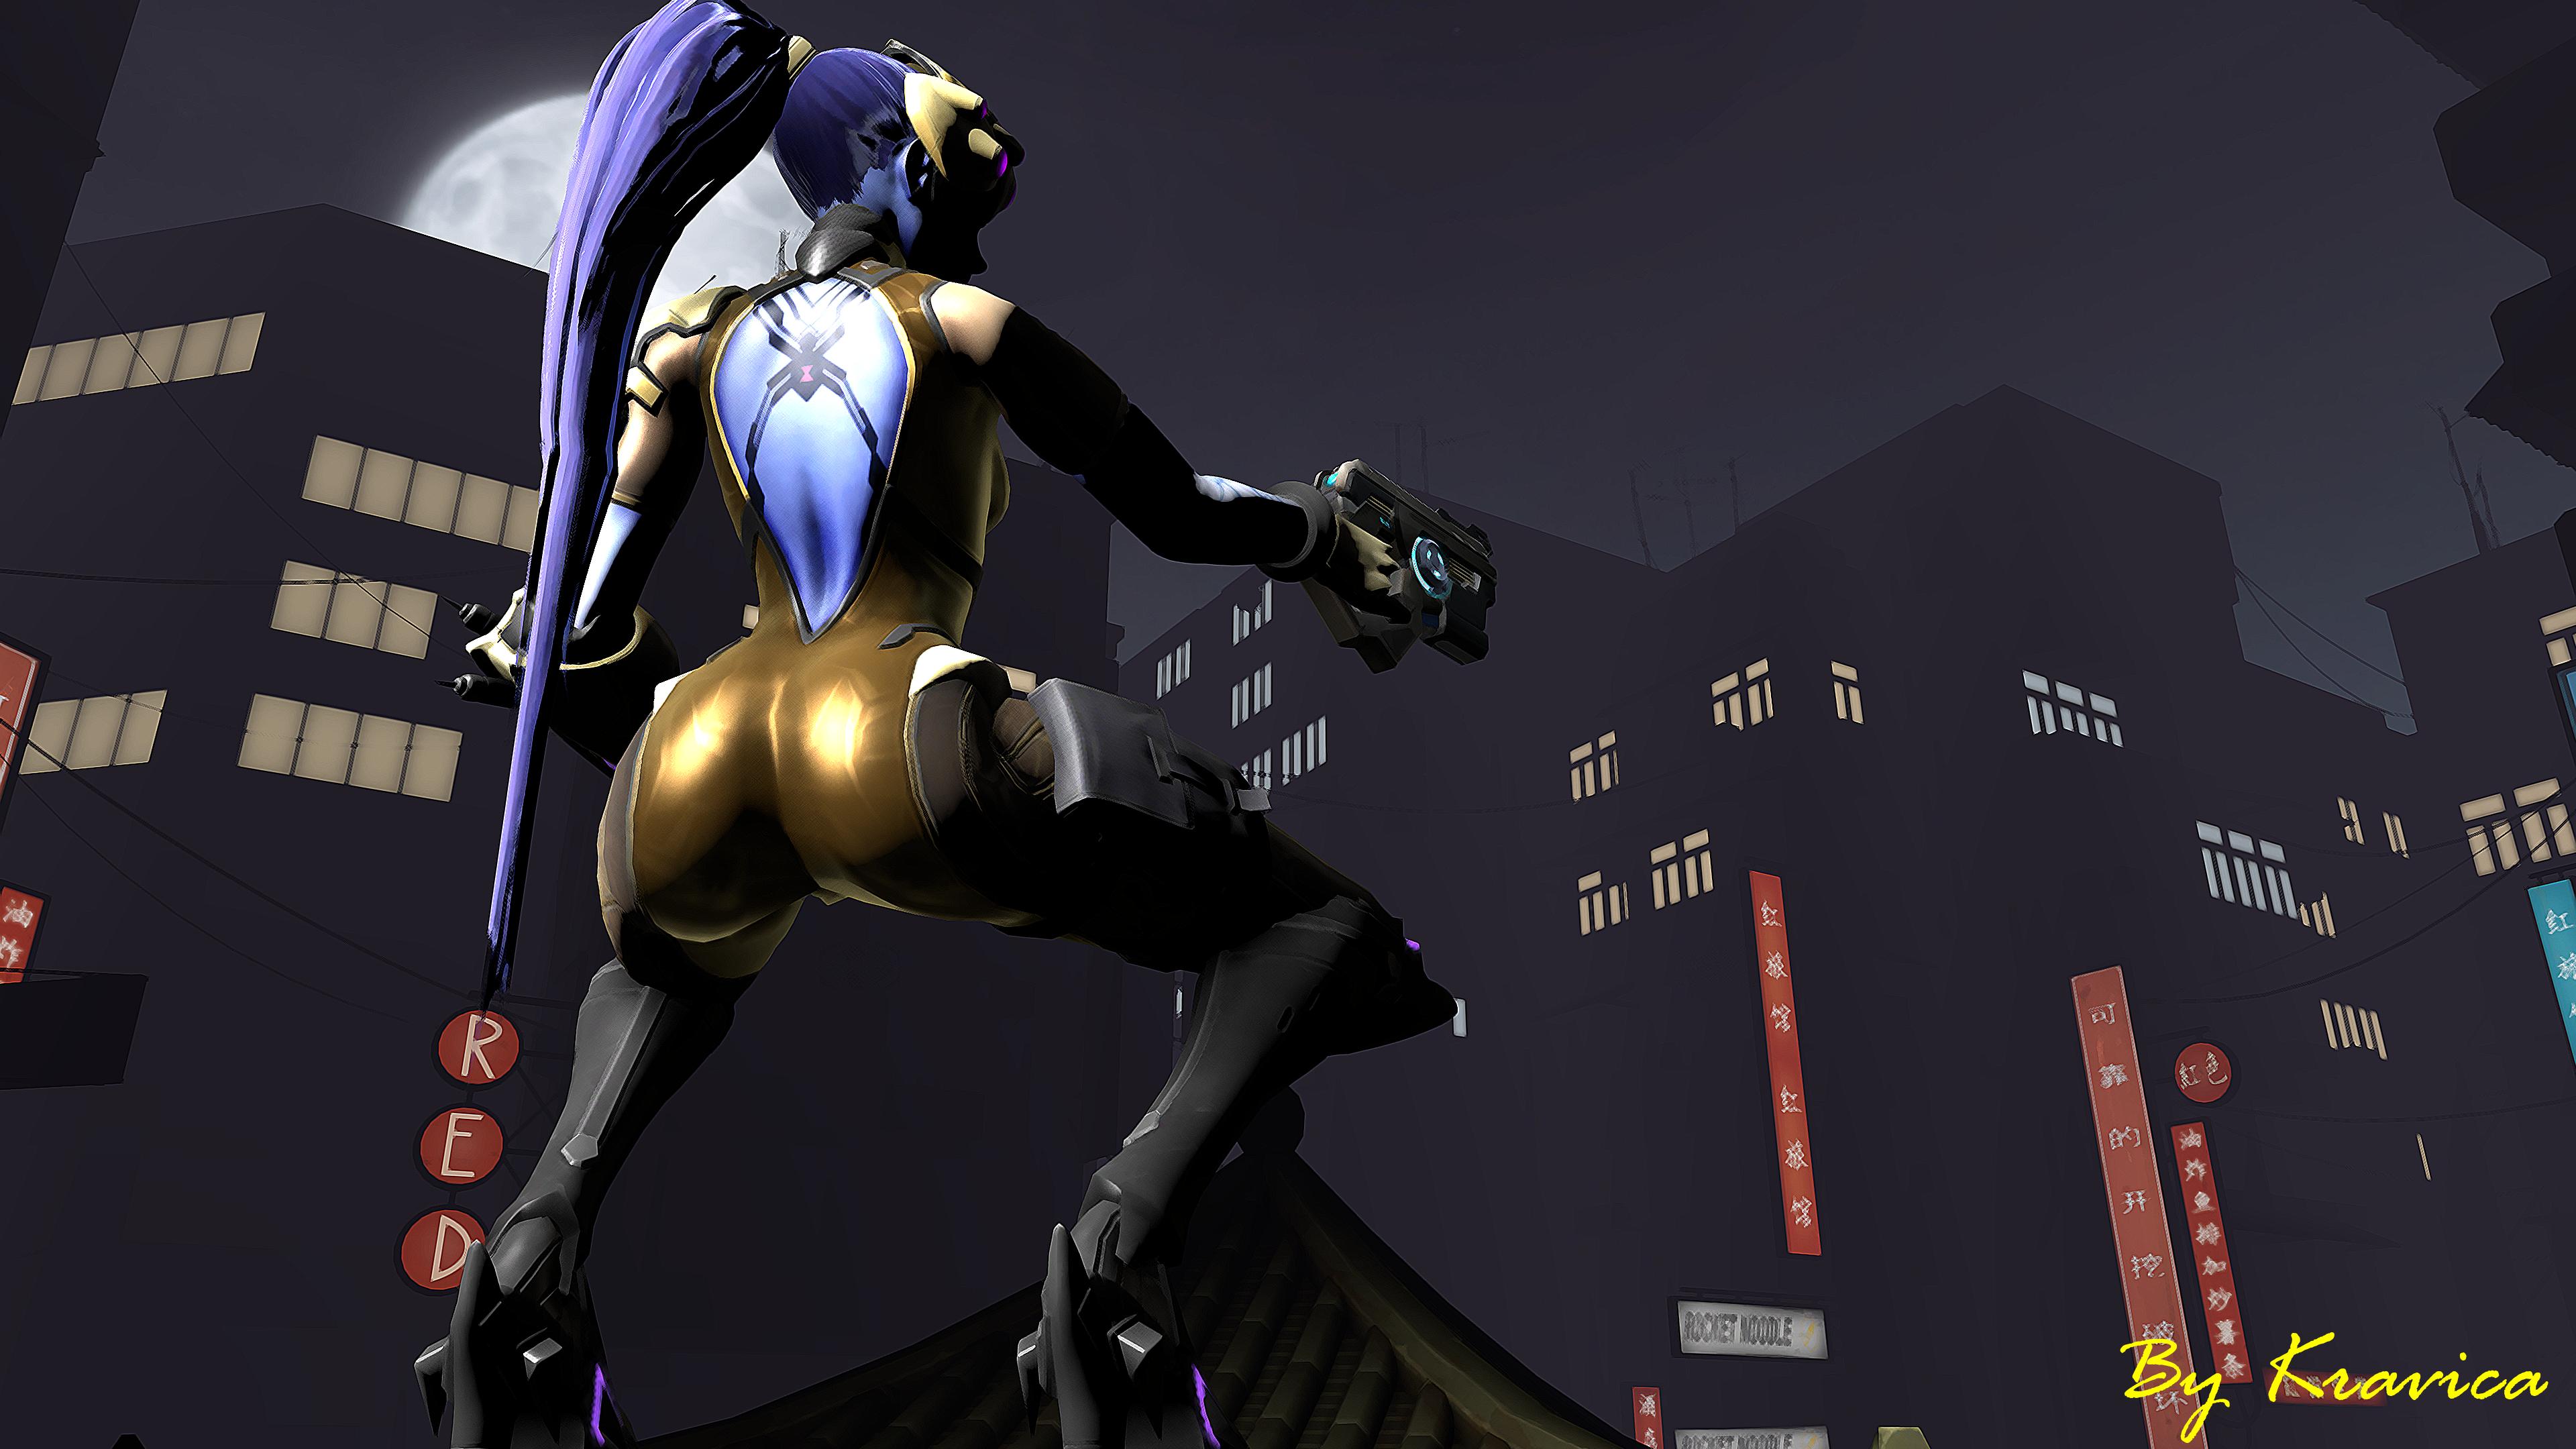 Overwatch Dual Screen Wallpaper: Widowmaker 4k Ultra HD Wallpaper